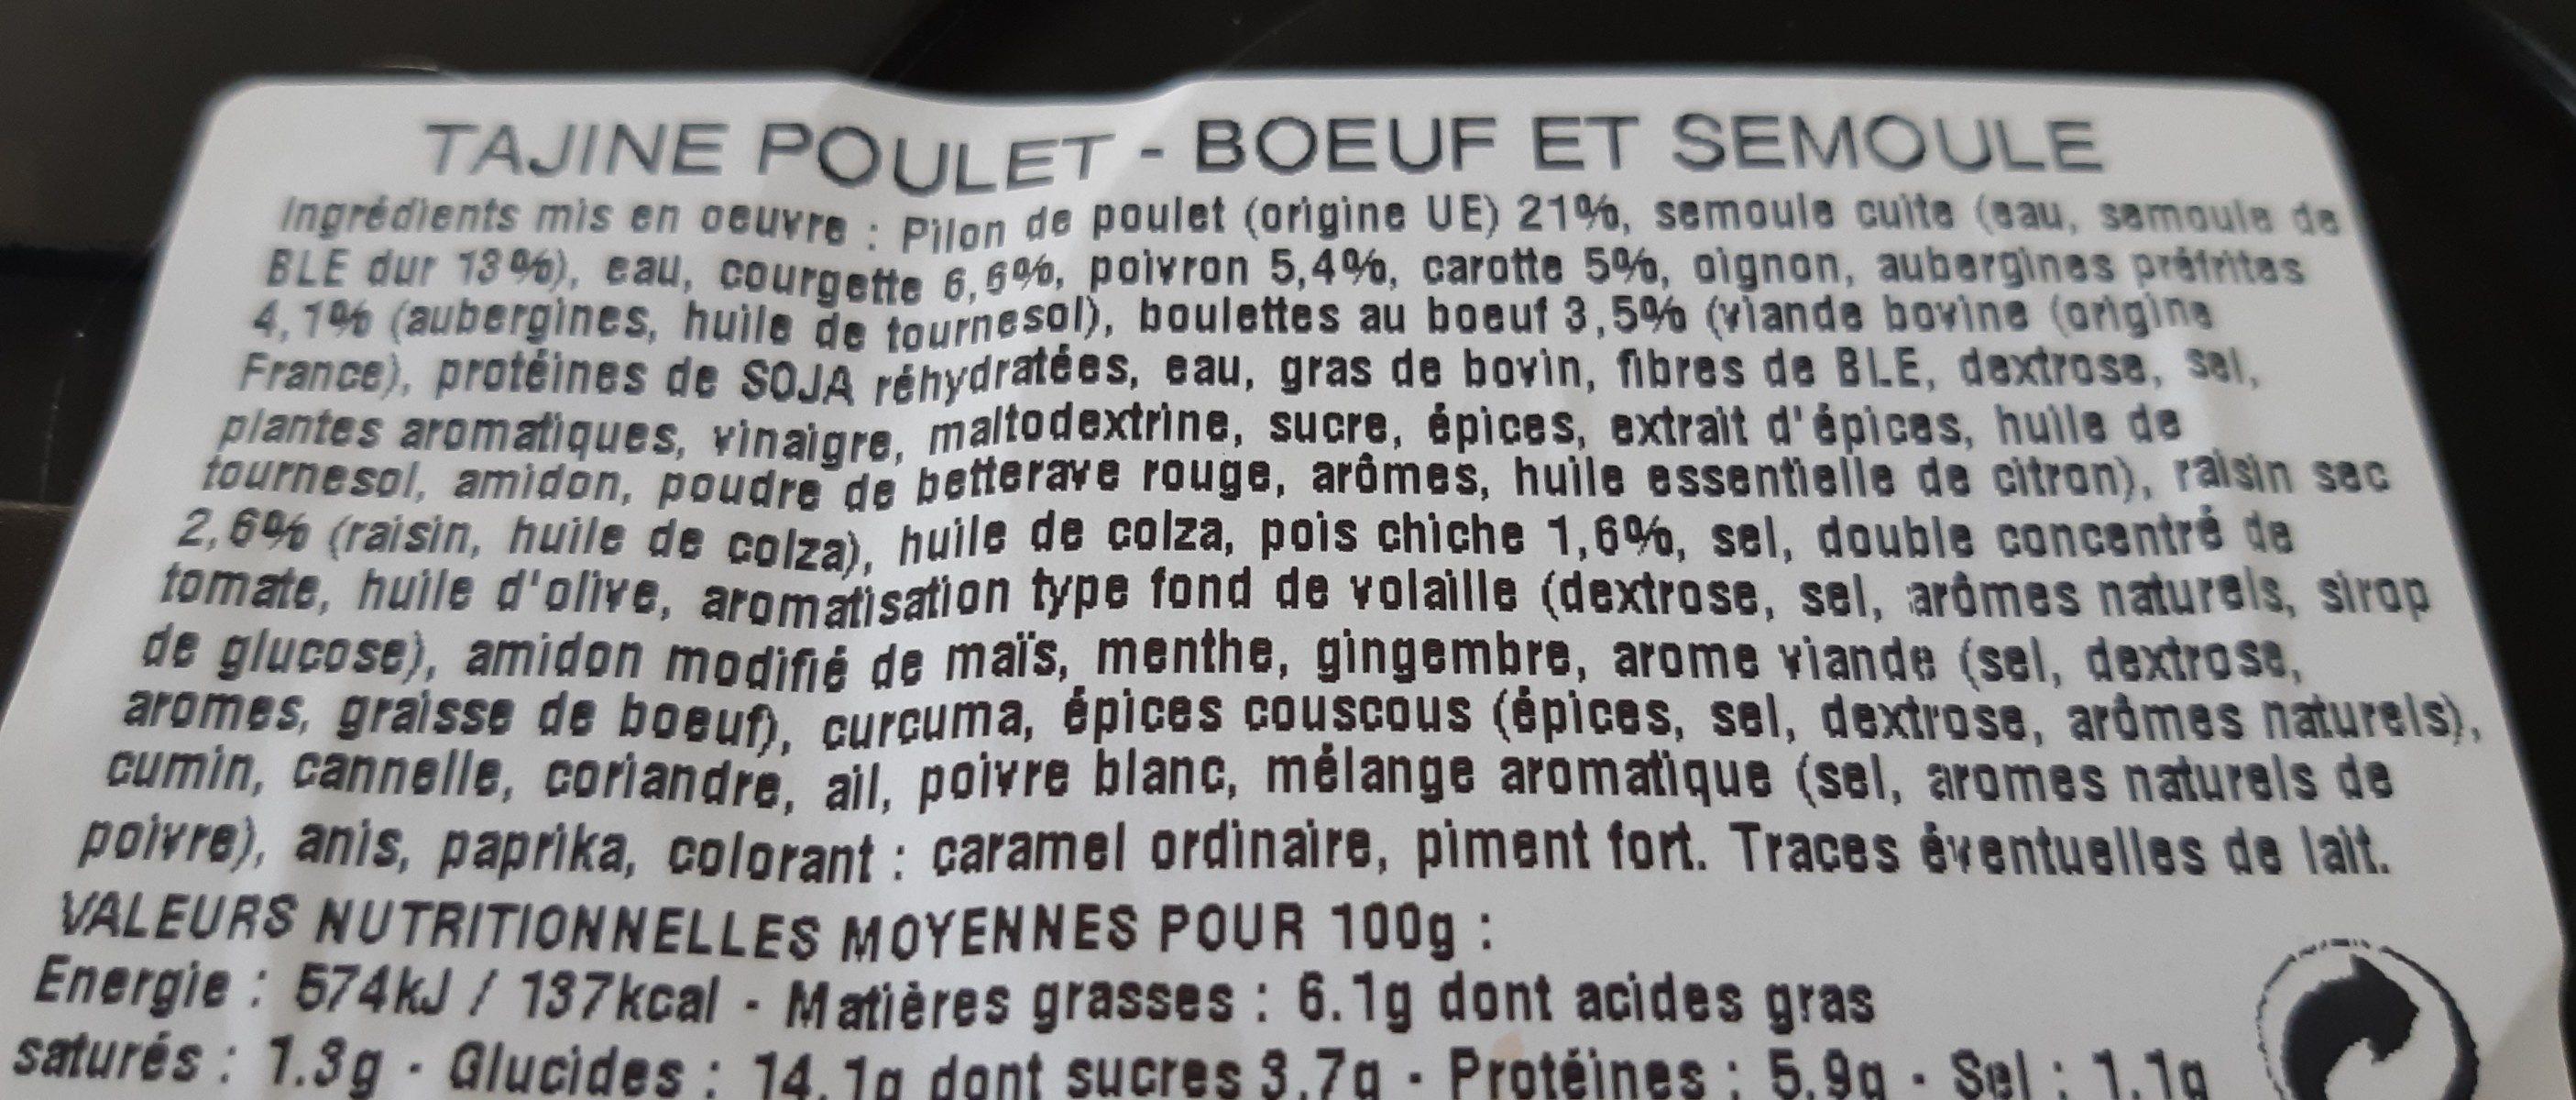 tajine poulet boeuf et semoule - Ingrédients - fr